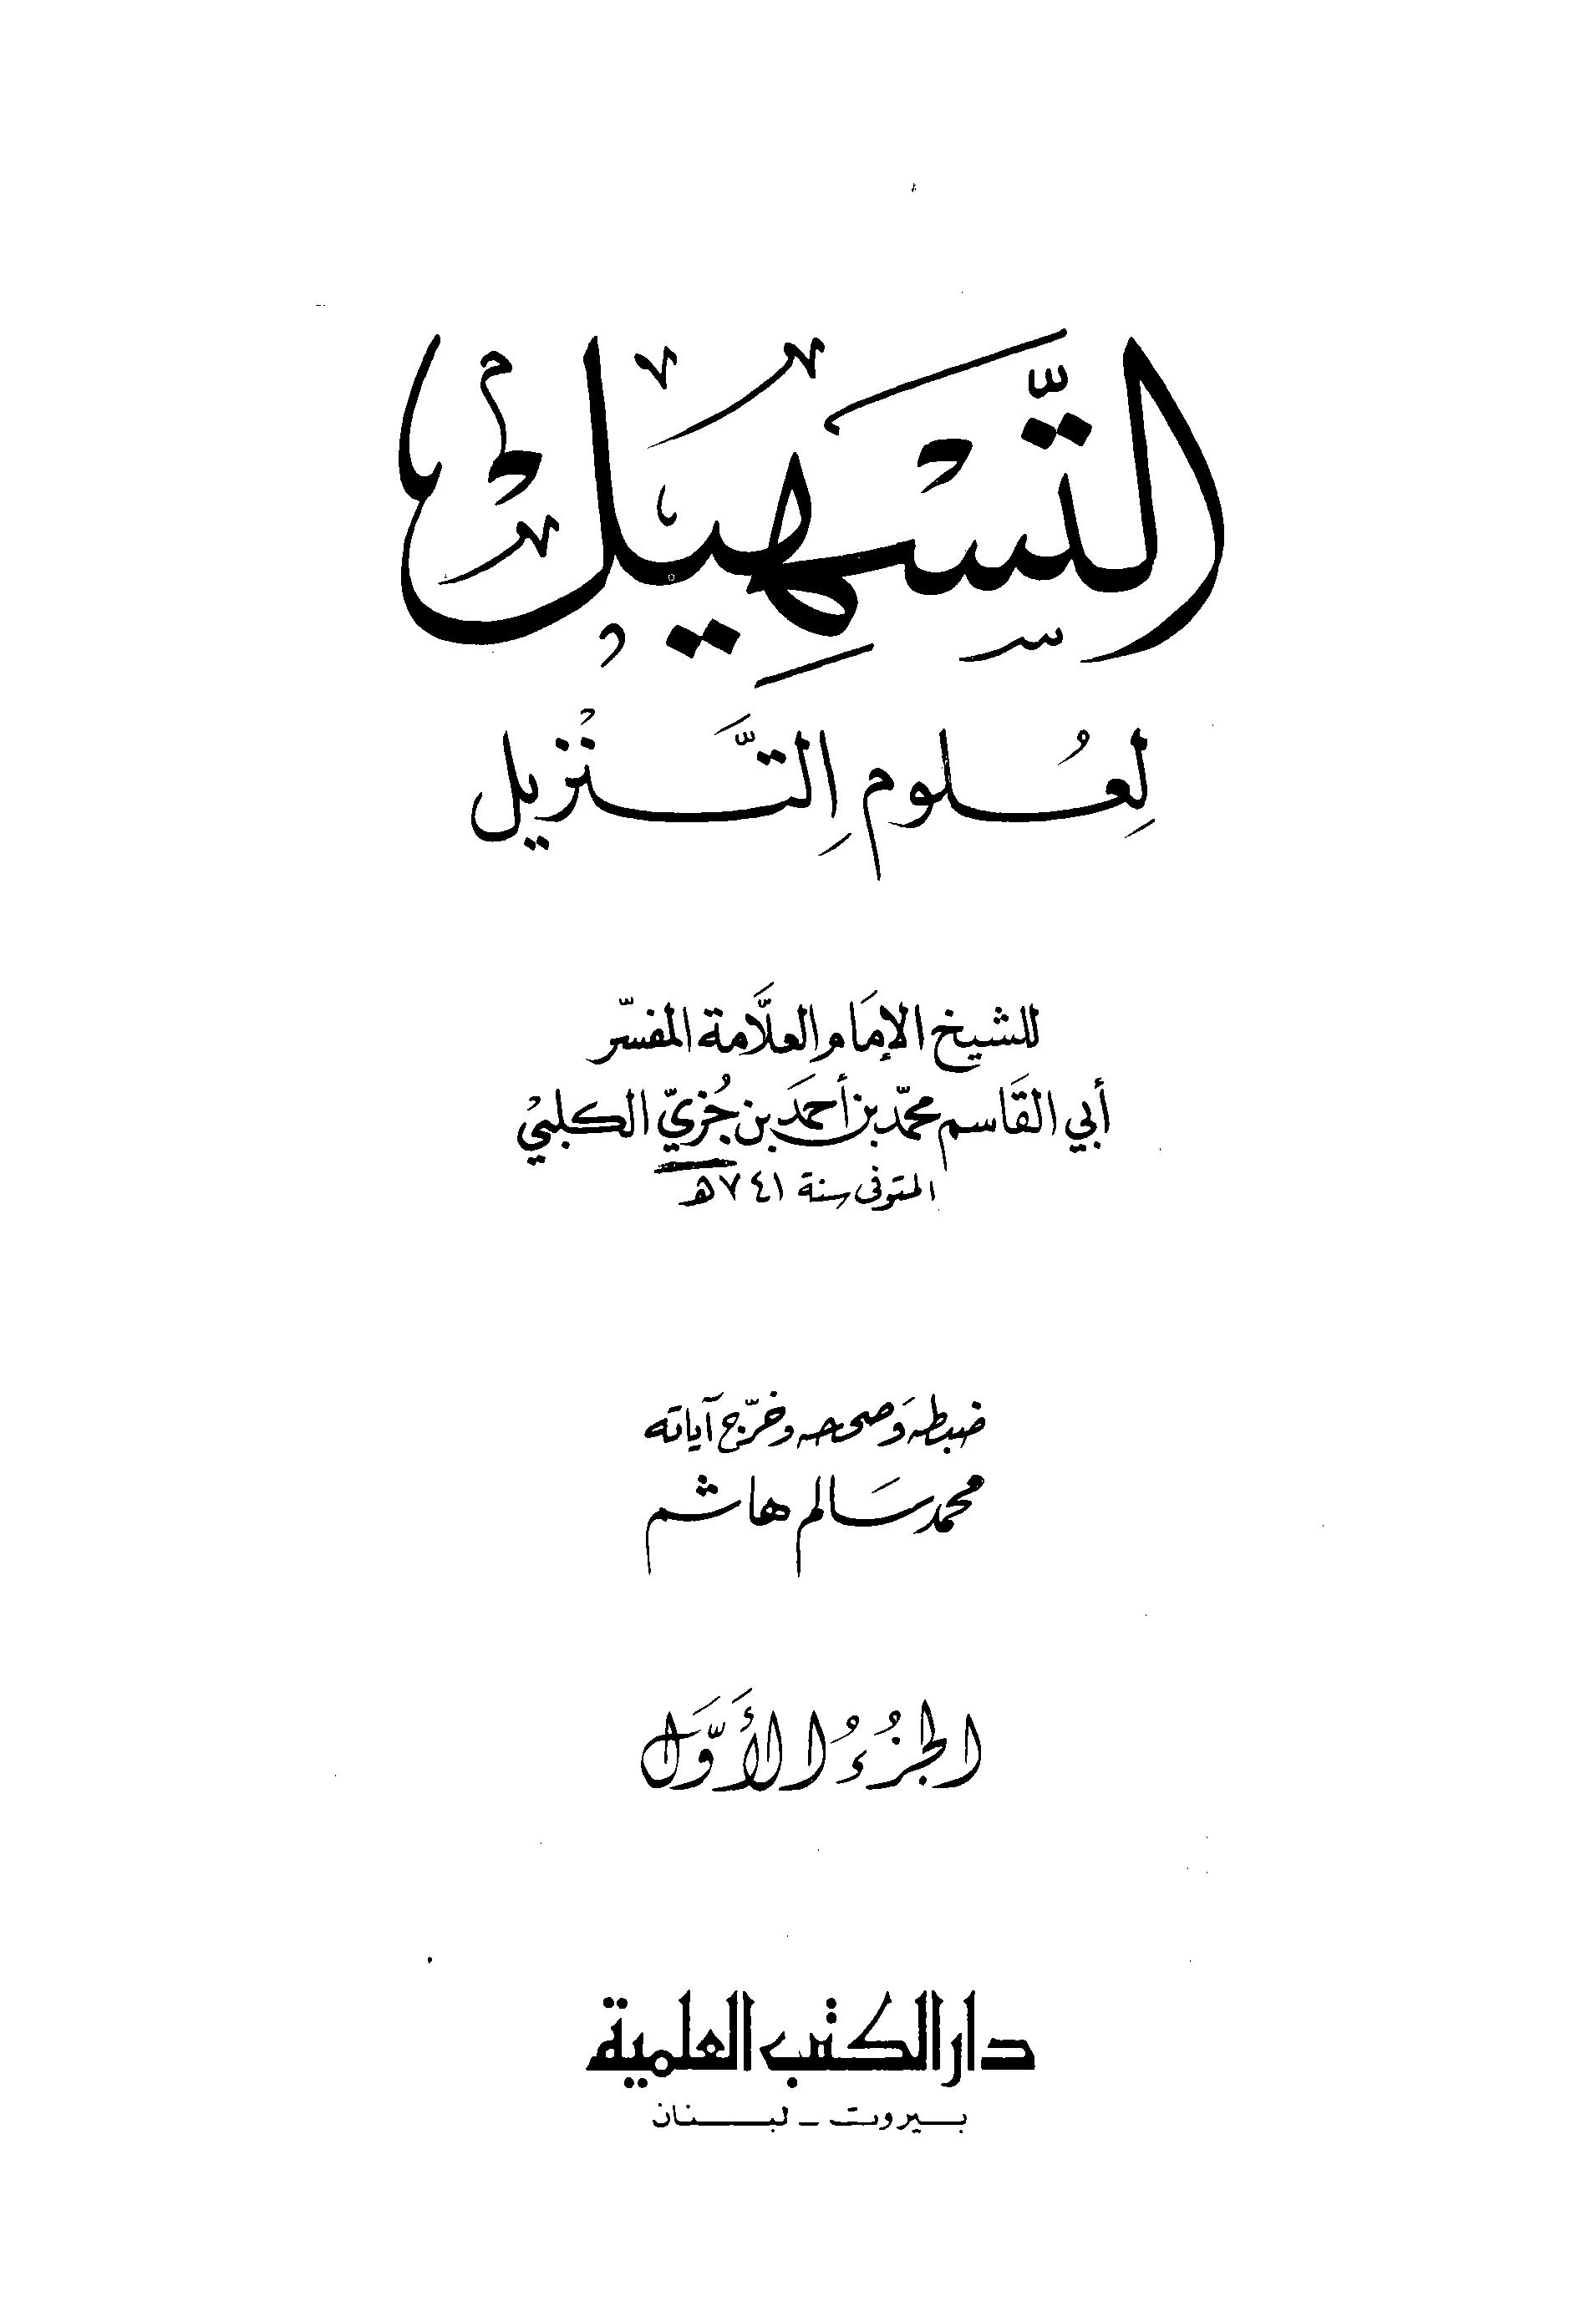 تحميل كتاب التسهيل لعلوم التنزيل (تفسير ابن جزي) لـِ: أبو القاسم محمد بن أحمد بن جزي الكلبي